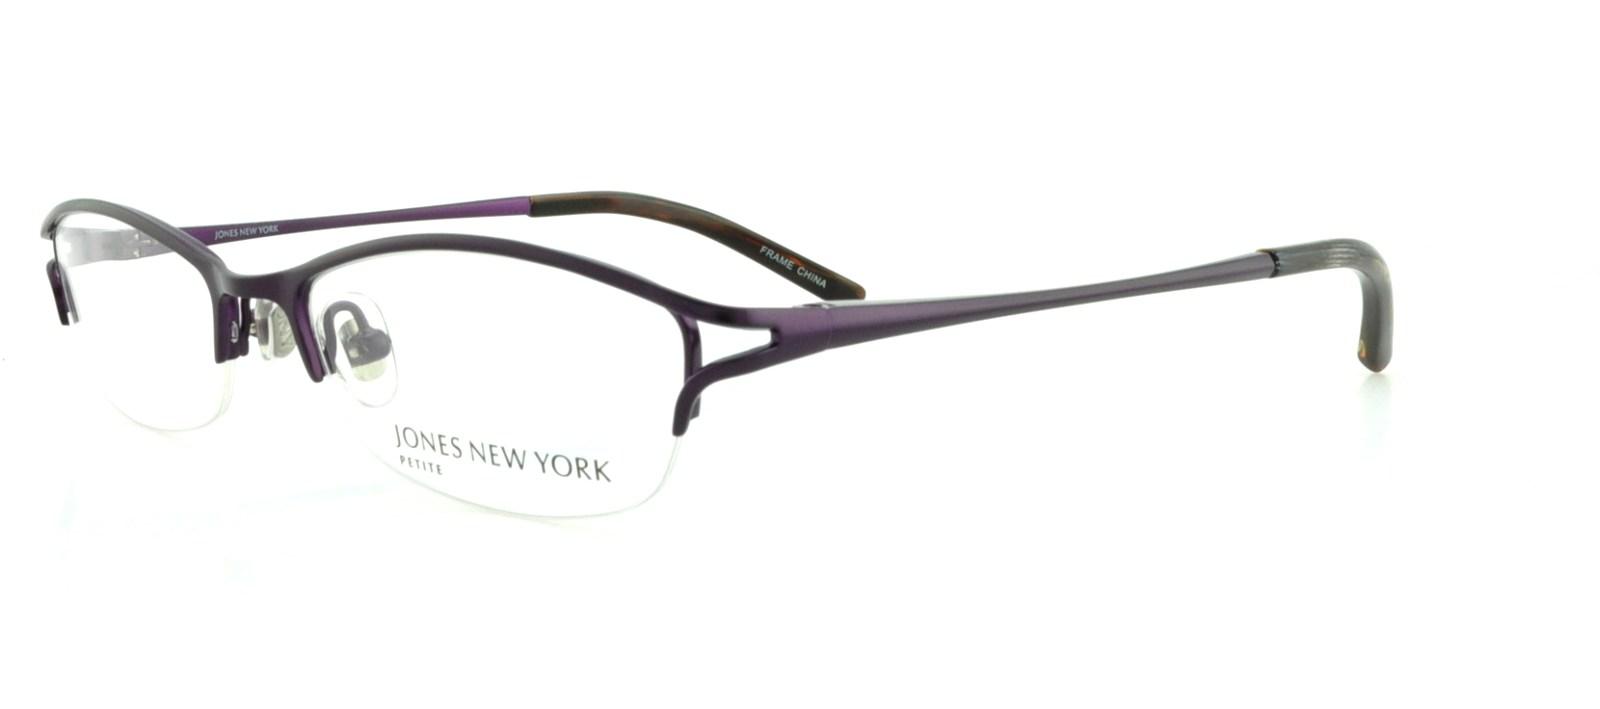 63c37405ea Designer Frames Outlet. Jones New York J129